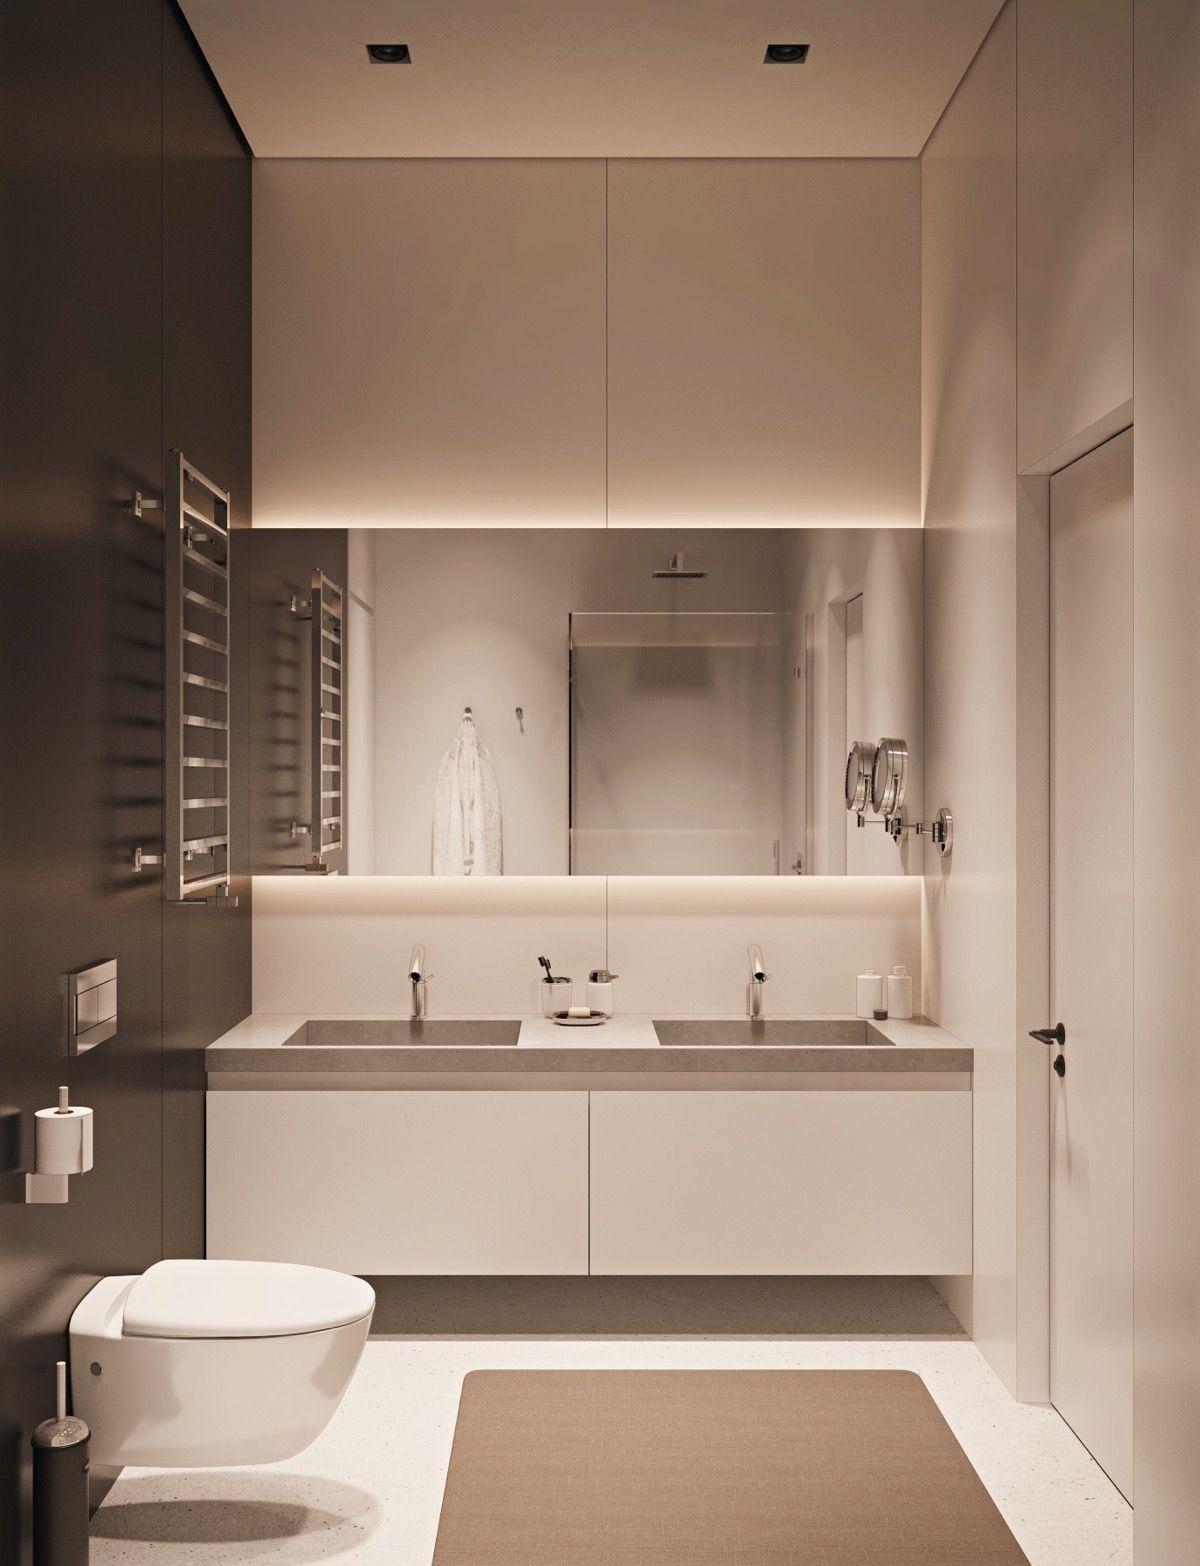 ¿Quieres reformar tu baño completo? Mira...